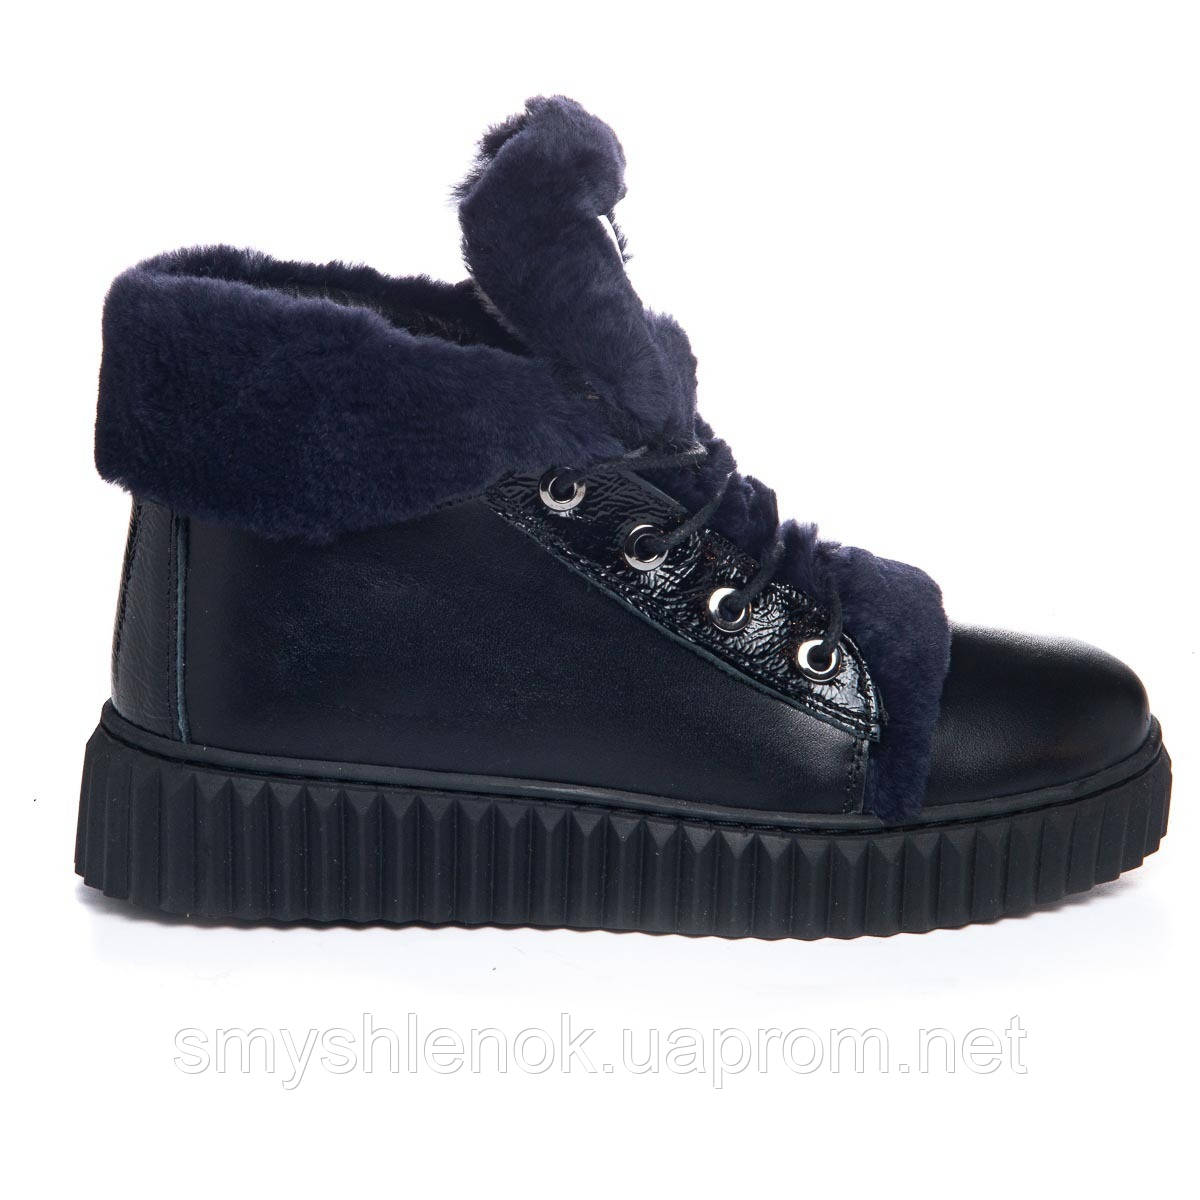 Ботинки Theo Leo RN1075 36 23 см Черно-синие